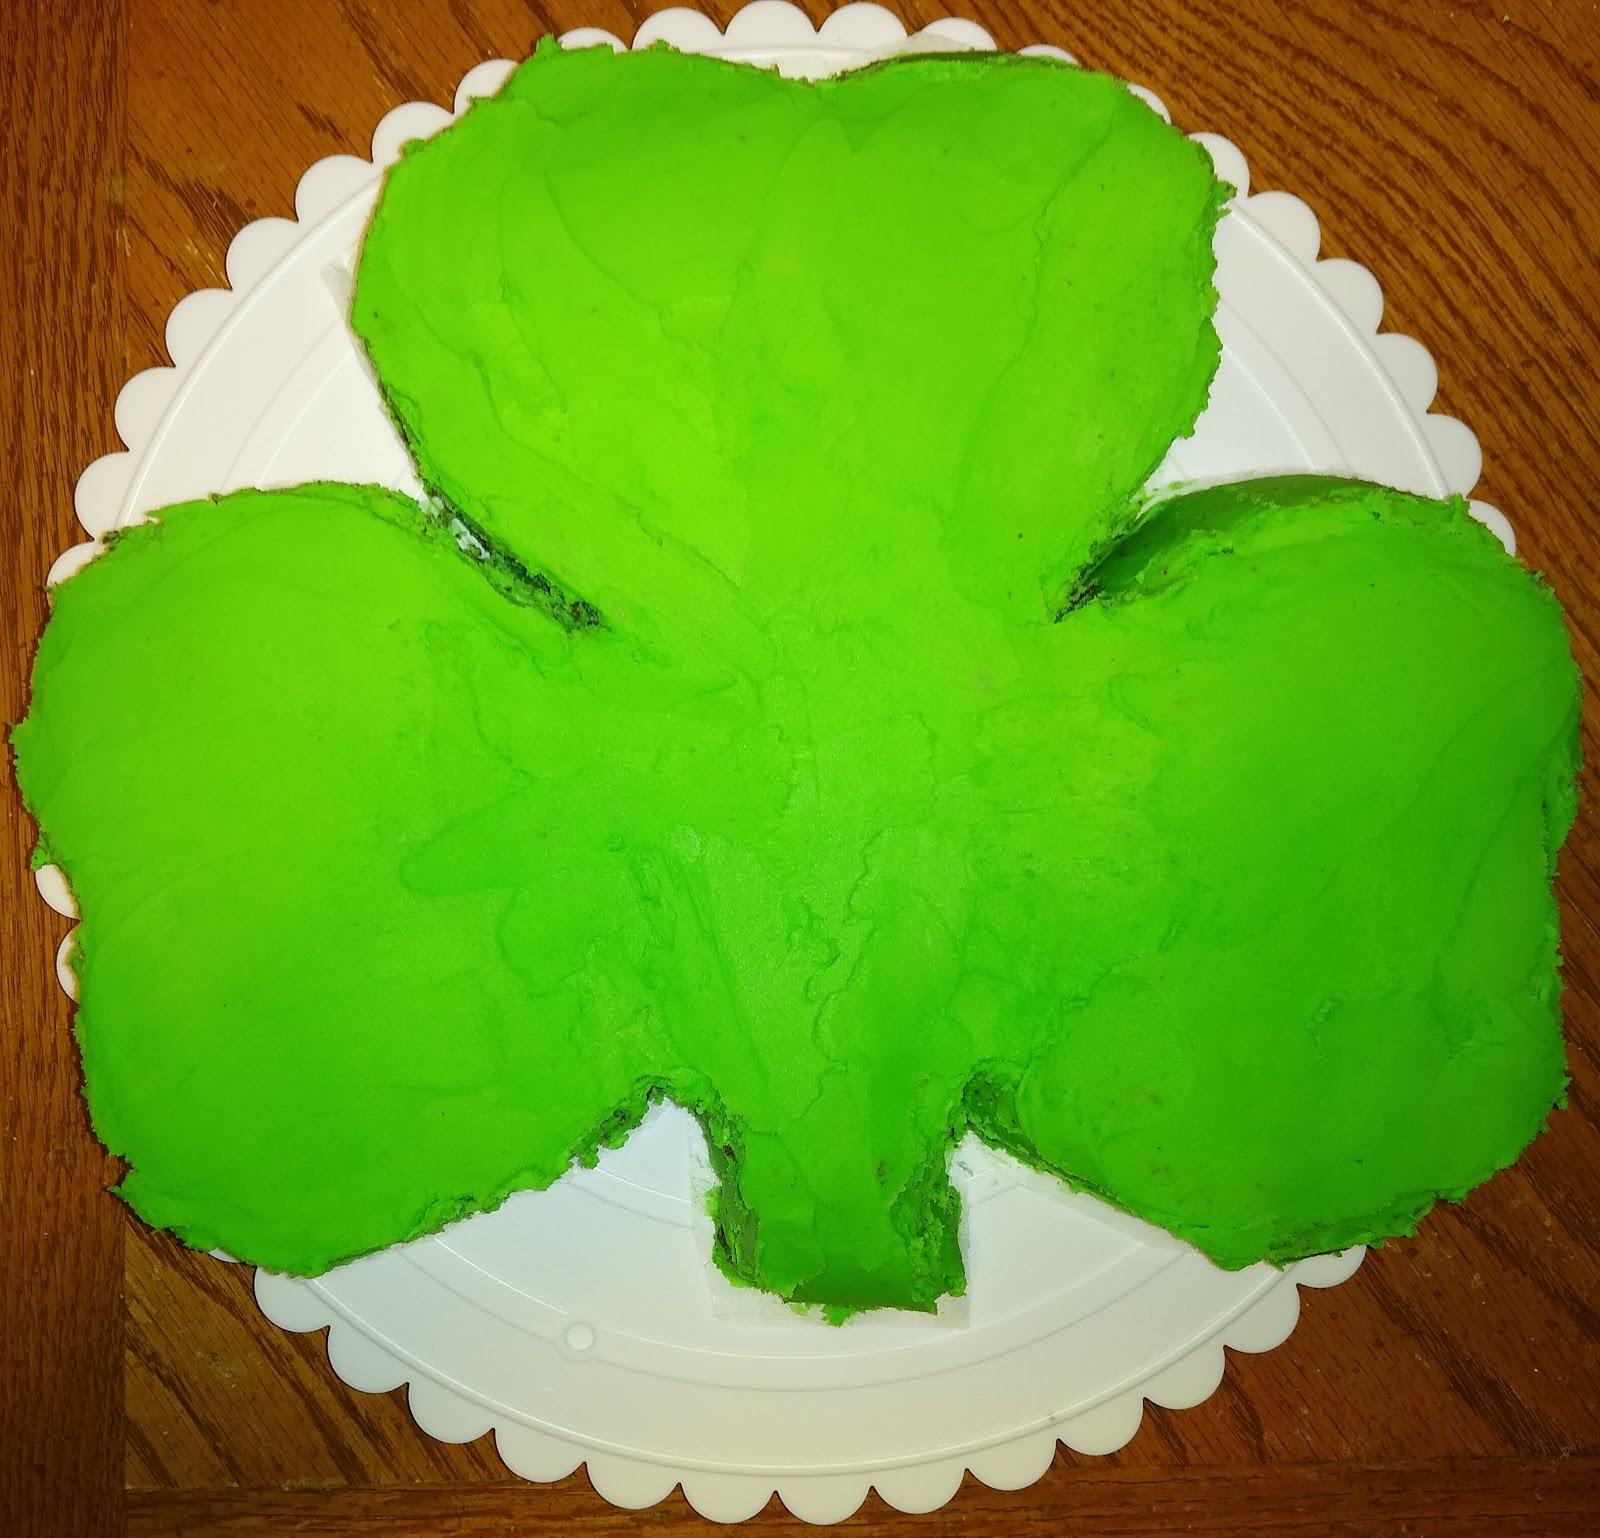 Guinness chocolate shamrock cake image